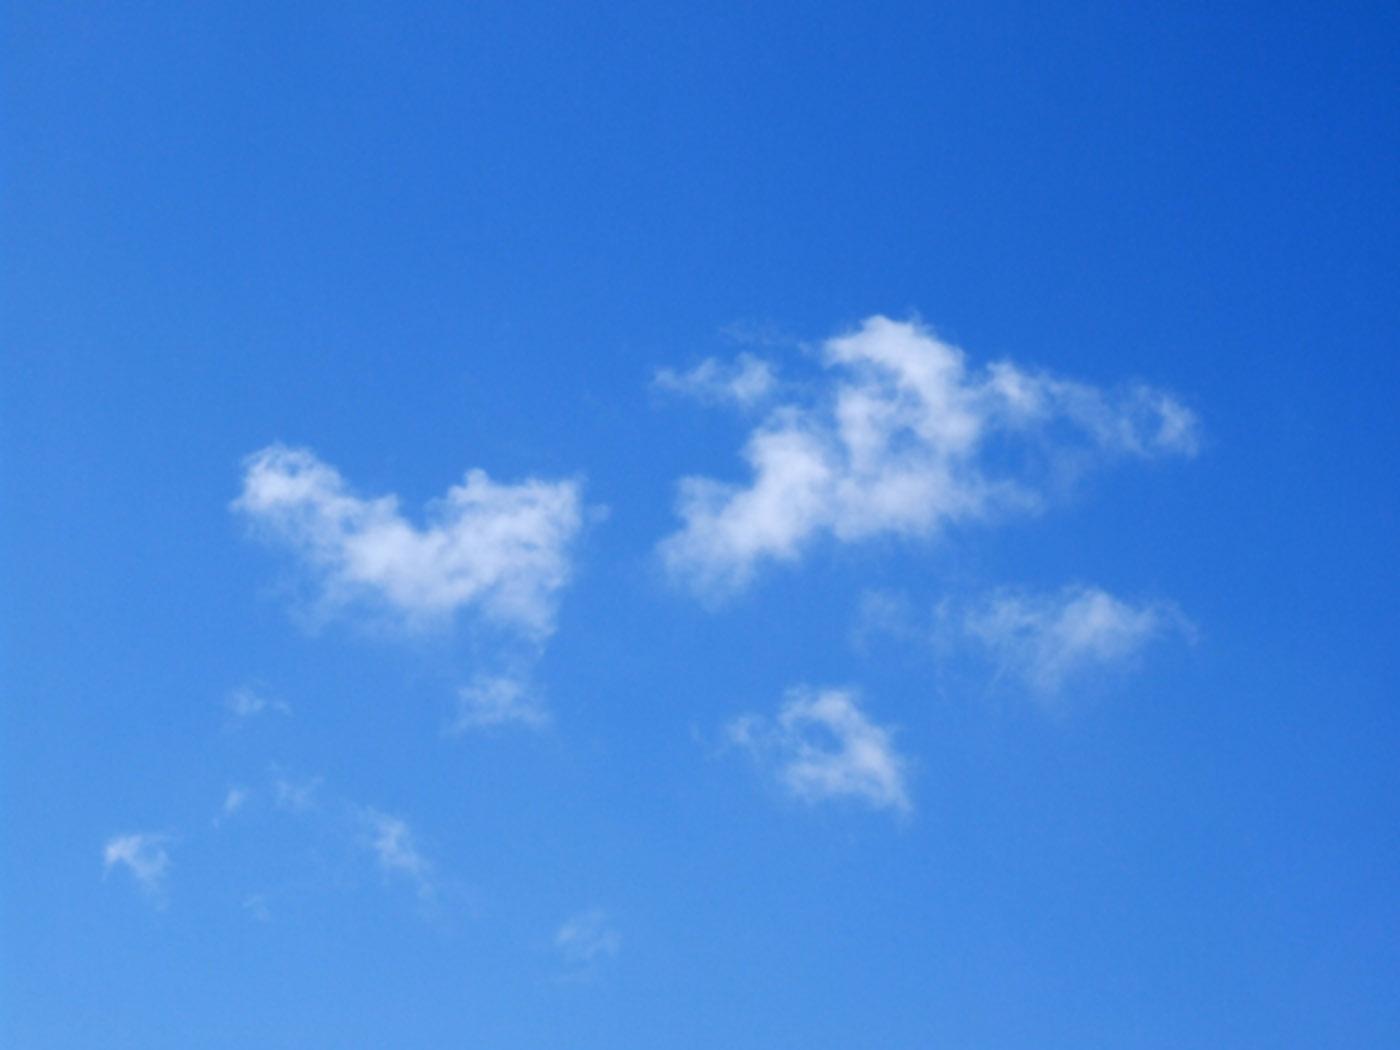 Wolken Hintergrundbilder - schöne Bilder kostenlos